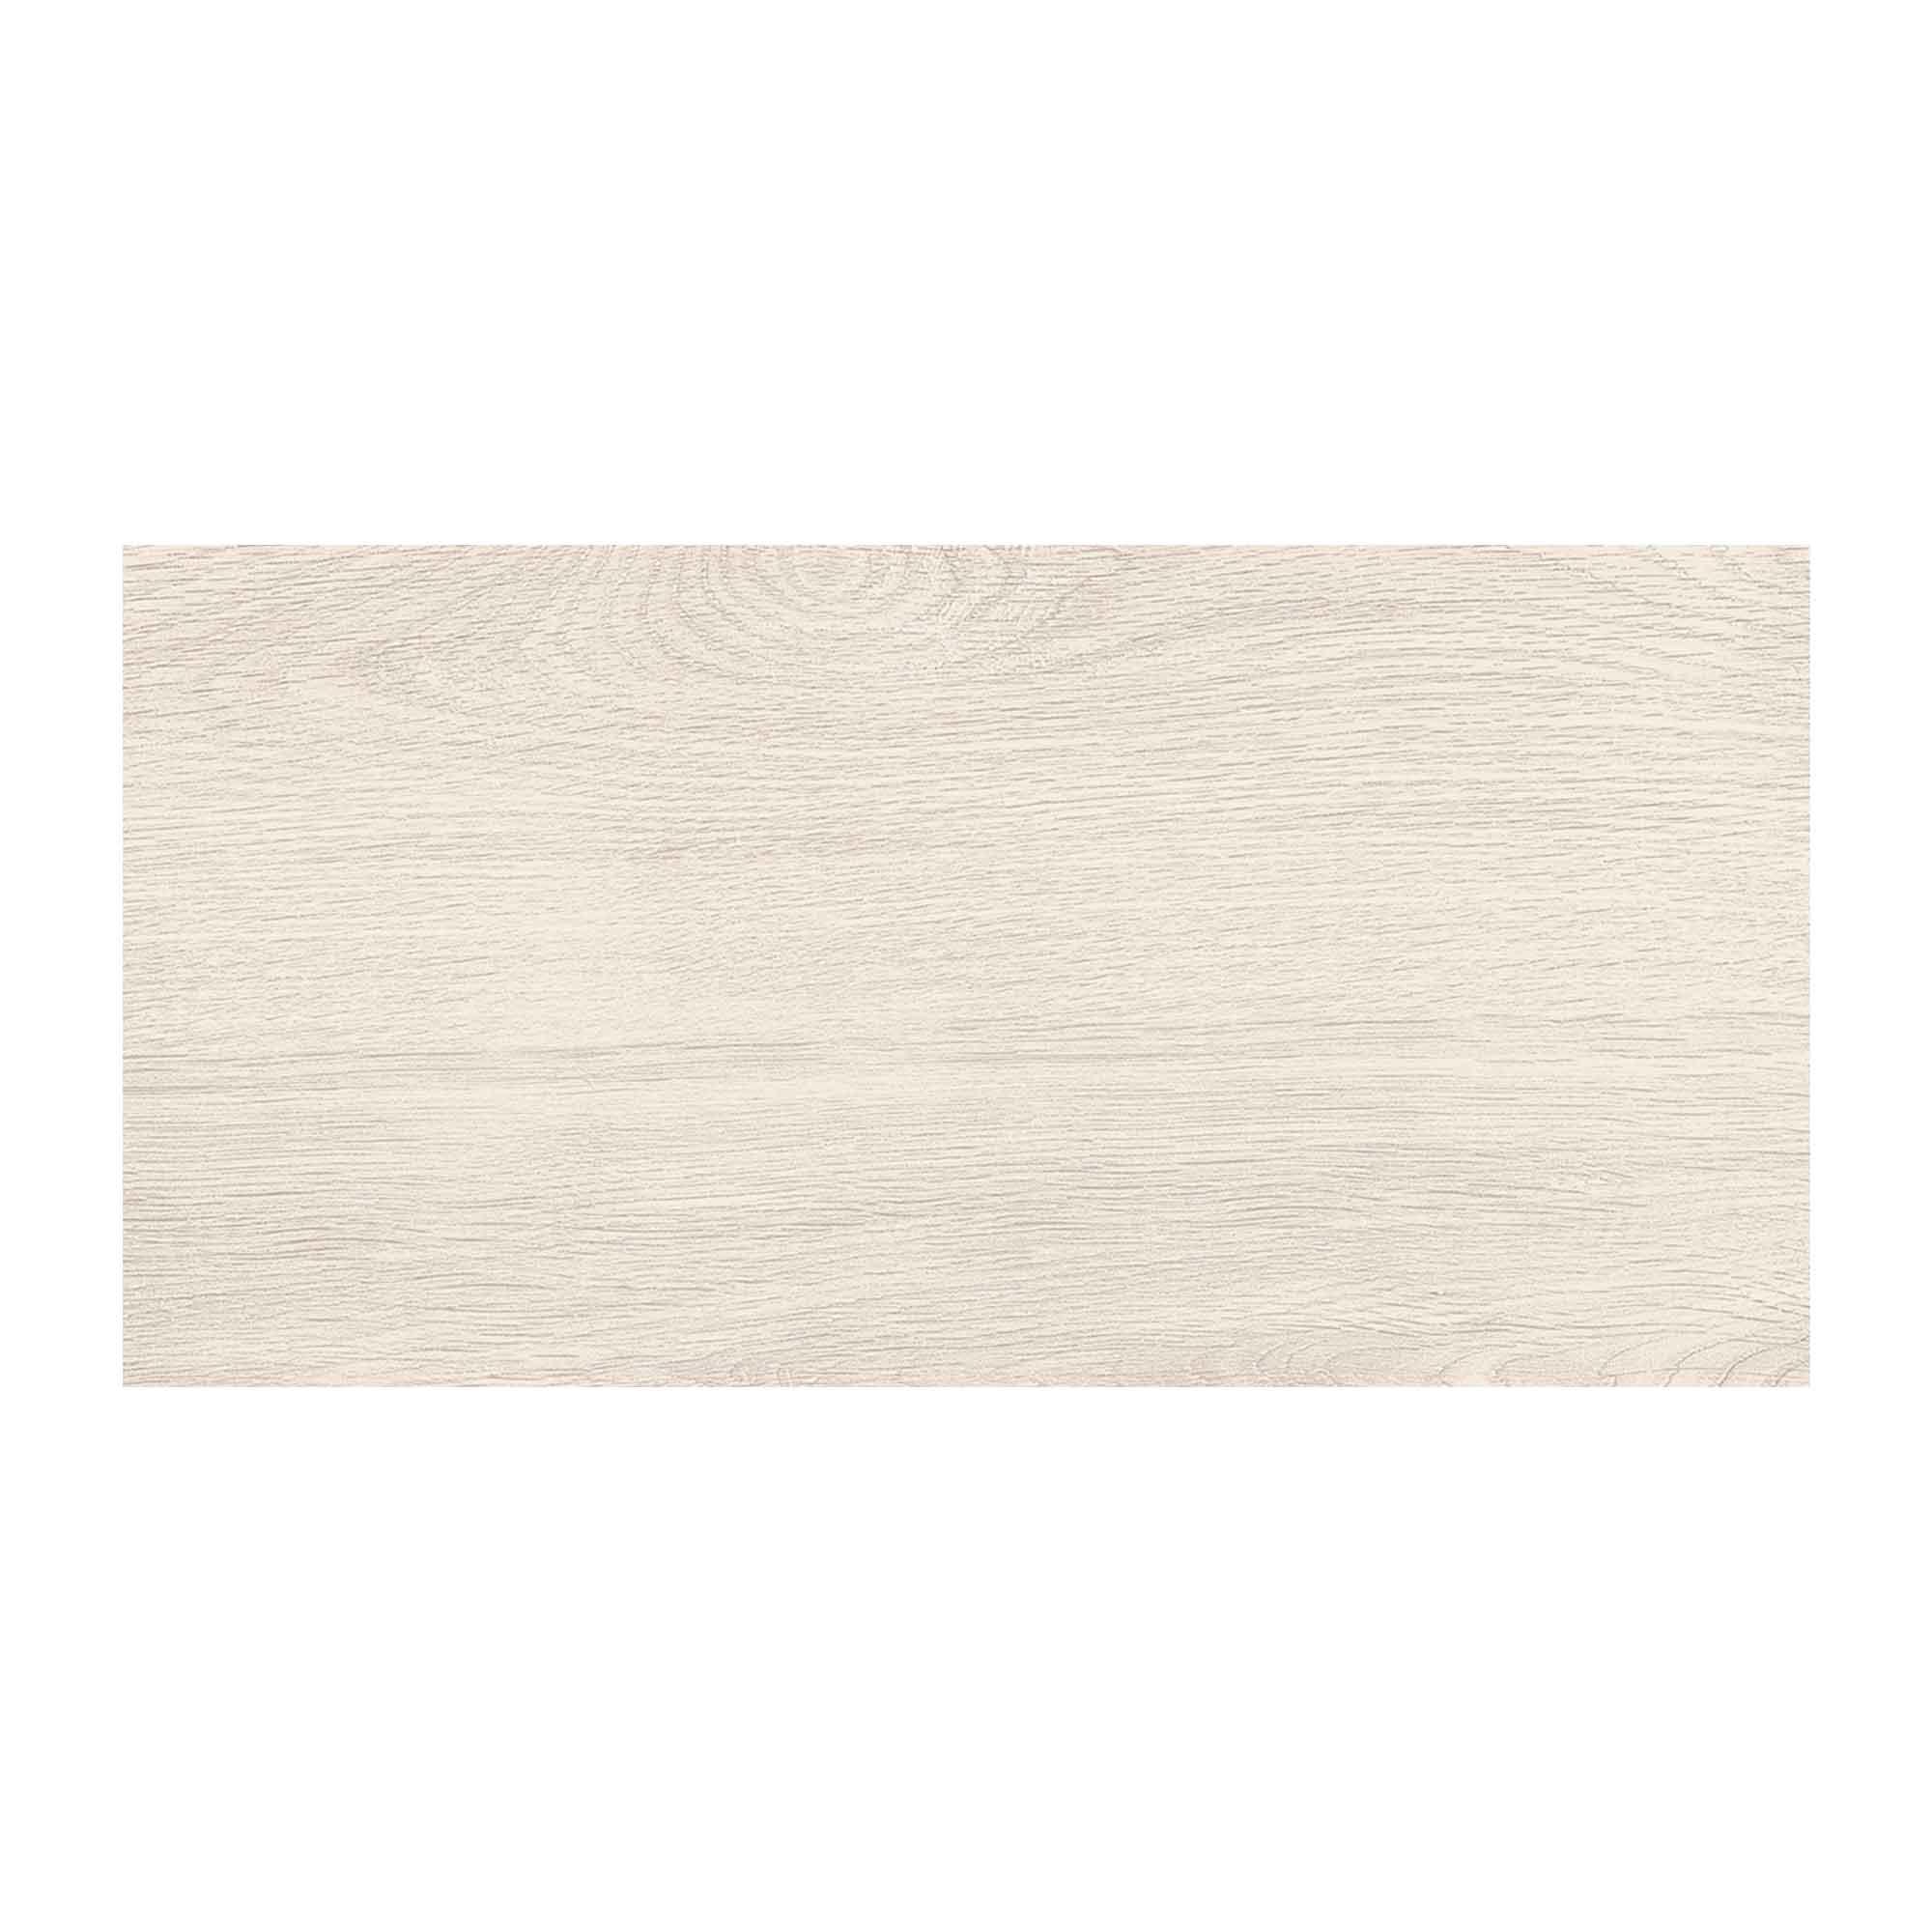 Gresie portelanata Cesarom Canada PEI 5 alb structurat mat, dreptunghiulara, 30 x 60 cm mathaus 2021